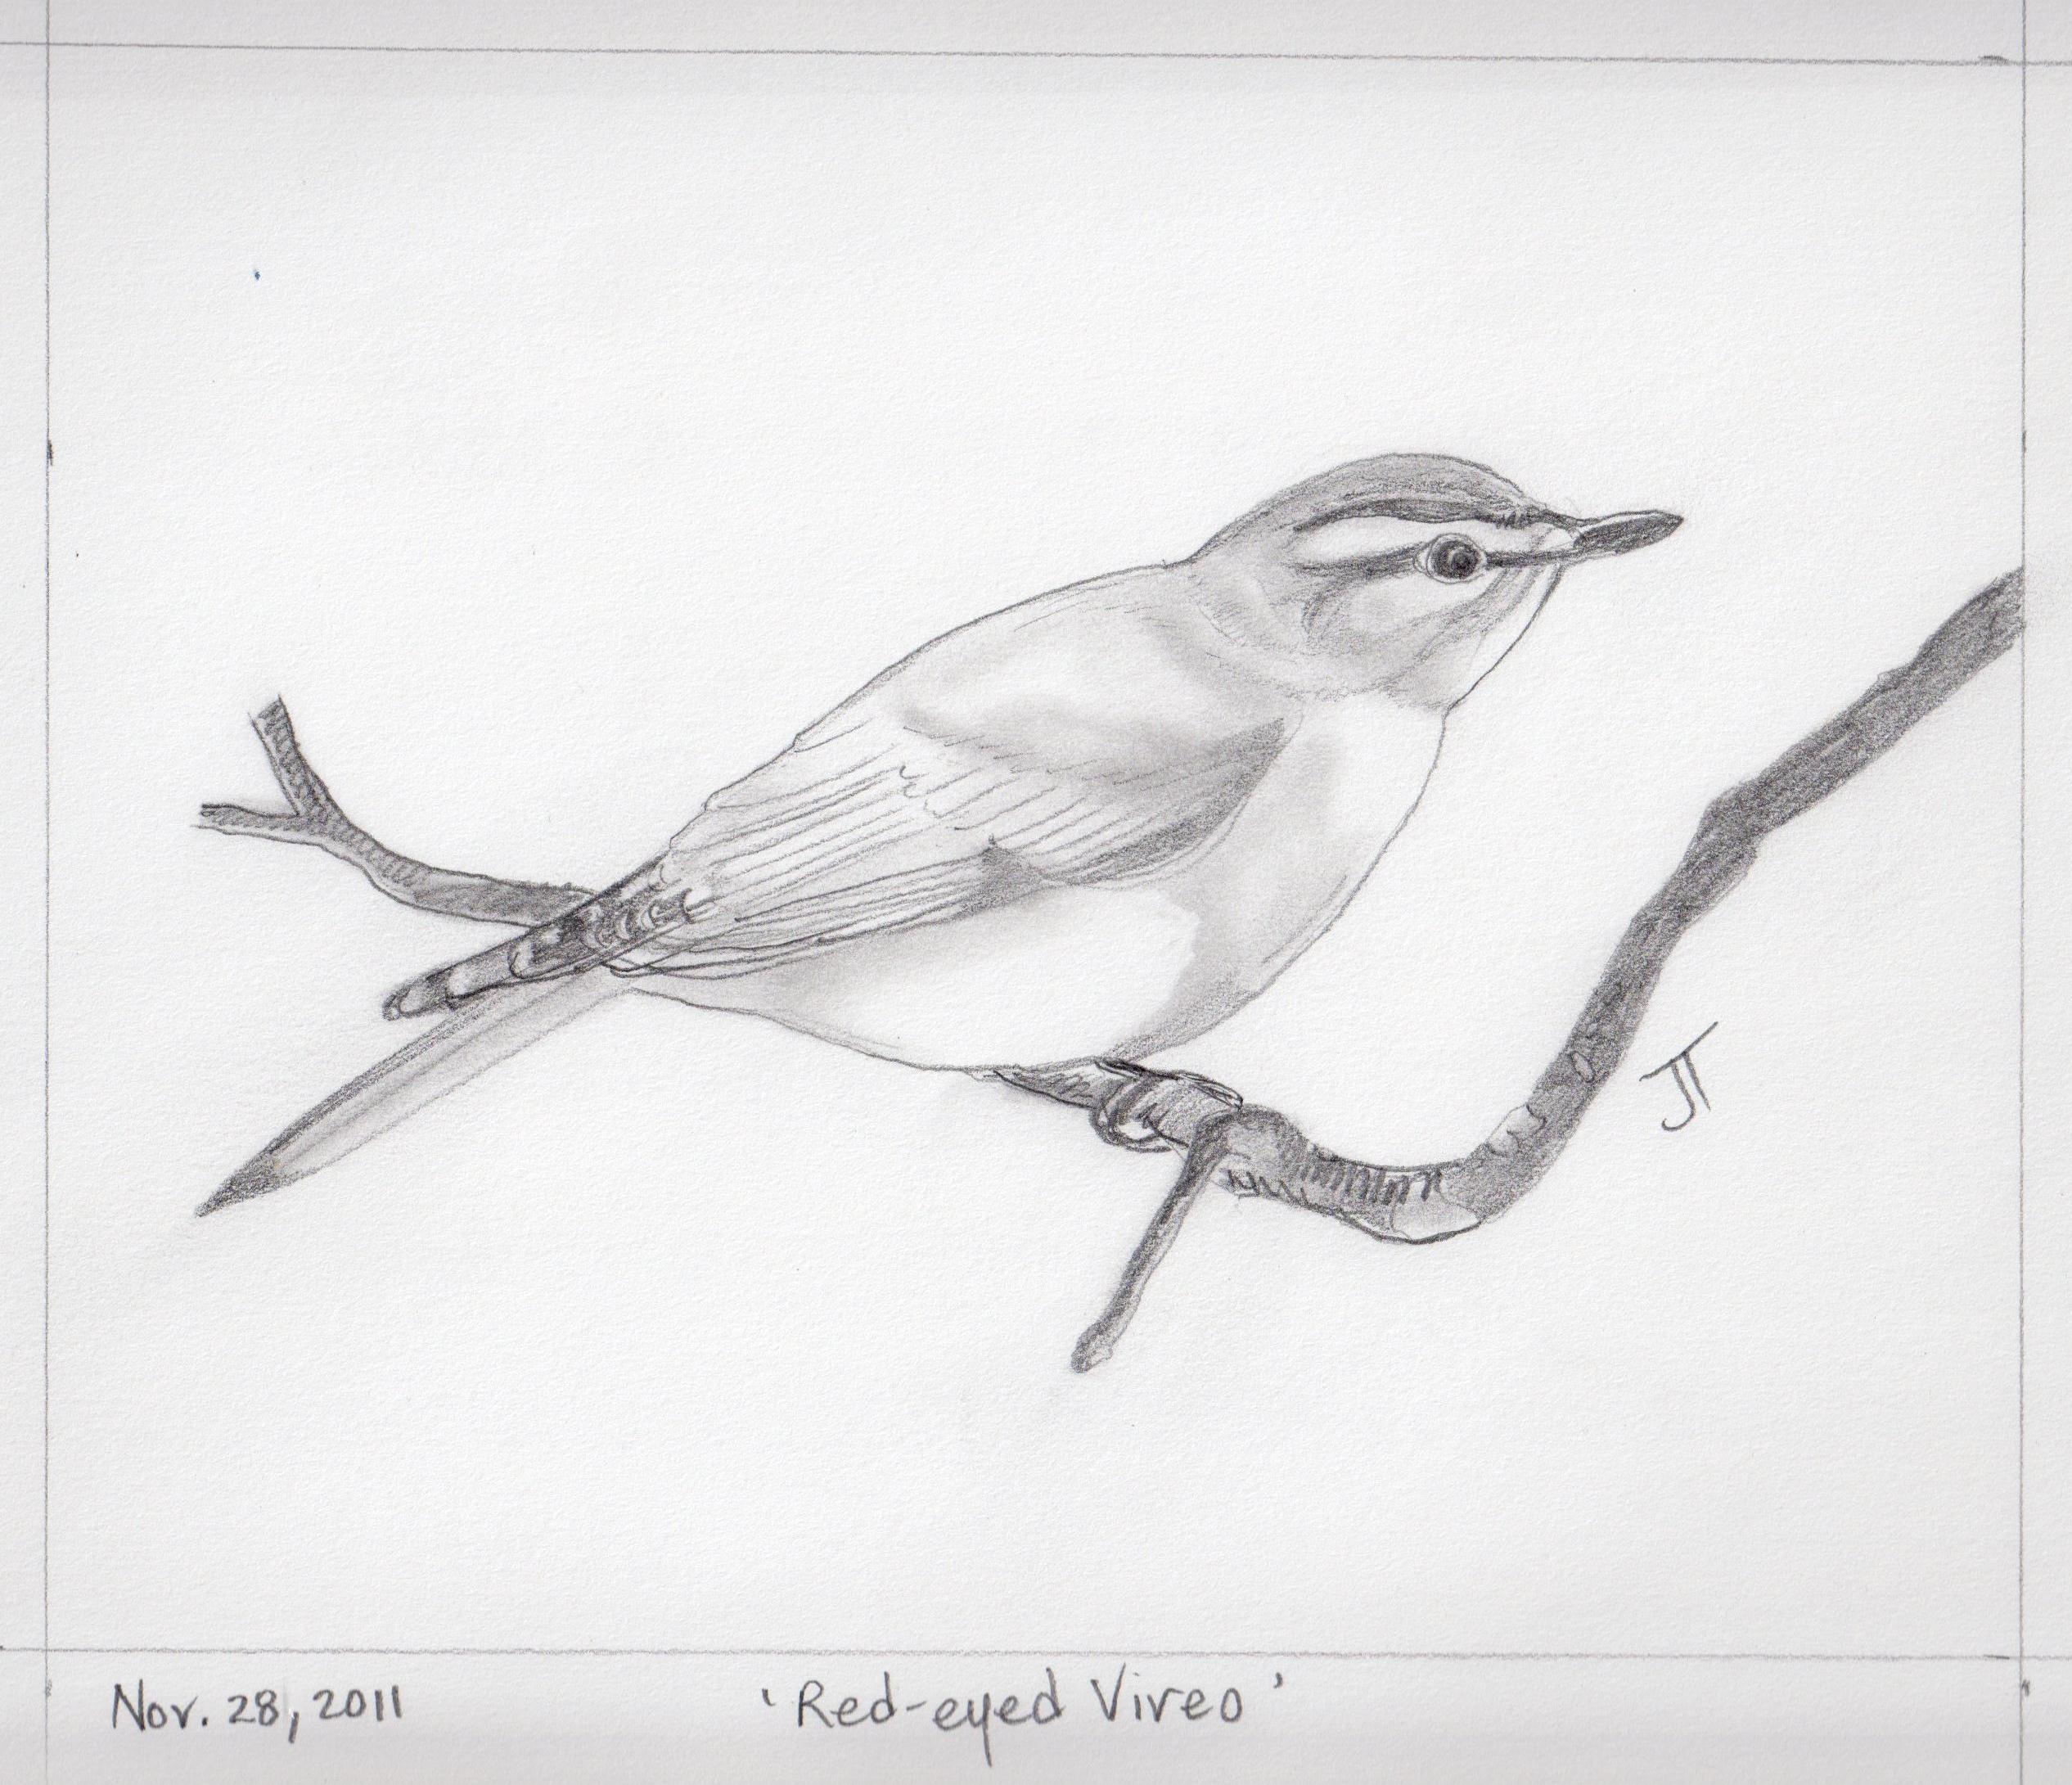 Drawn vireo Drawings nichepoetryandprose pencil gallery of